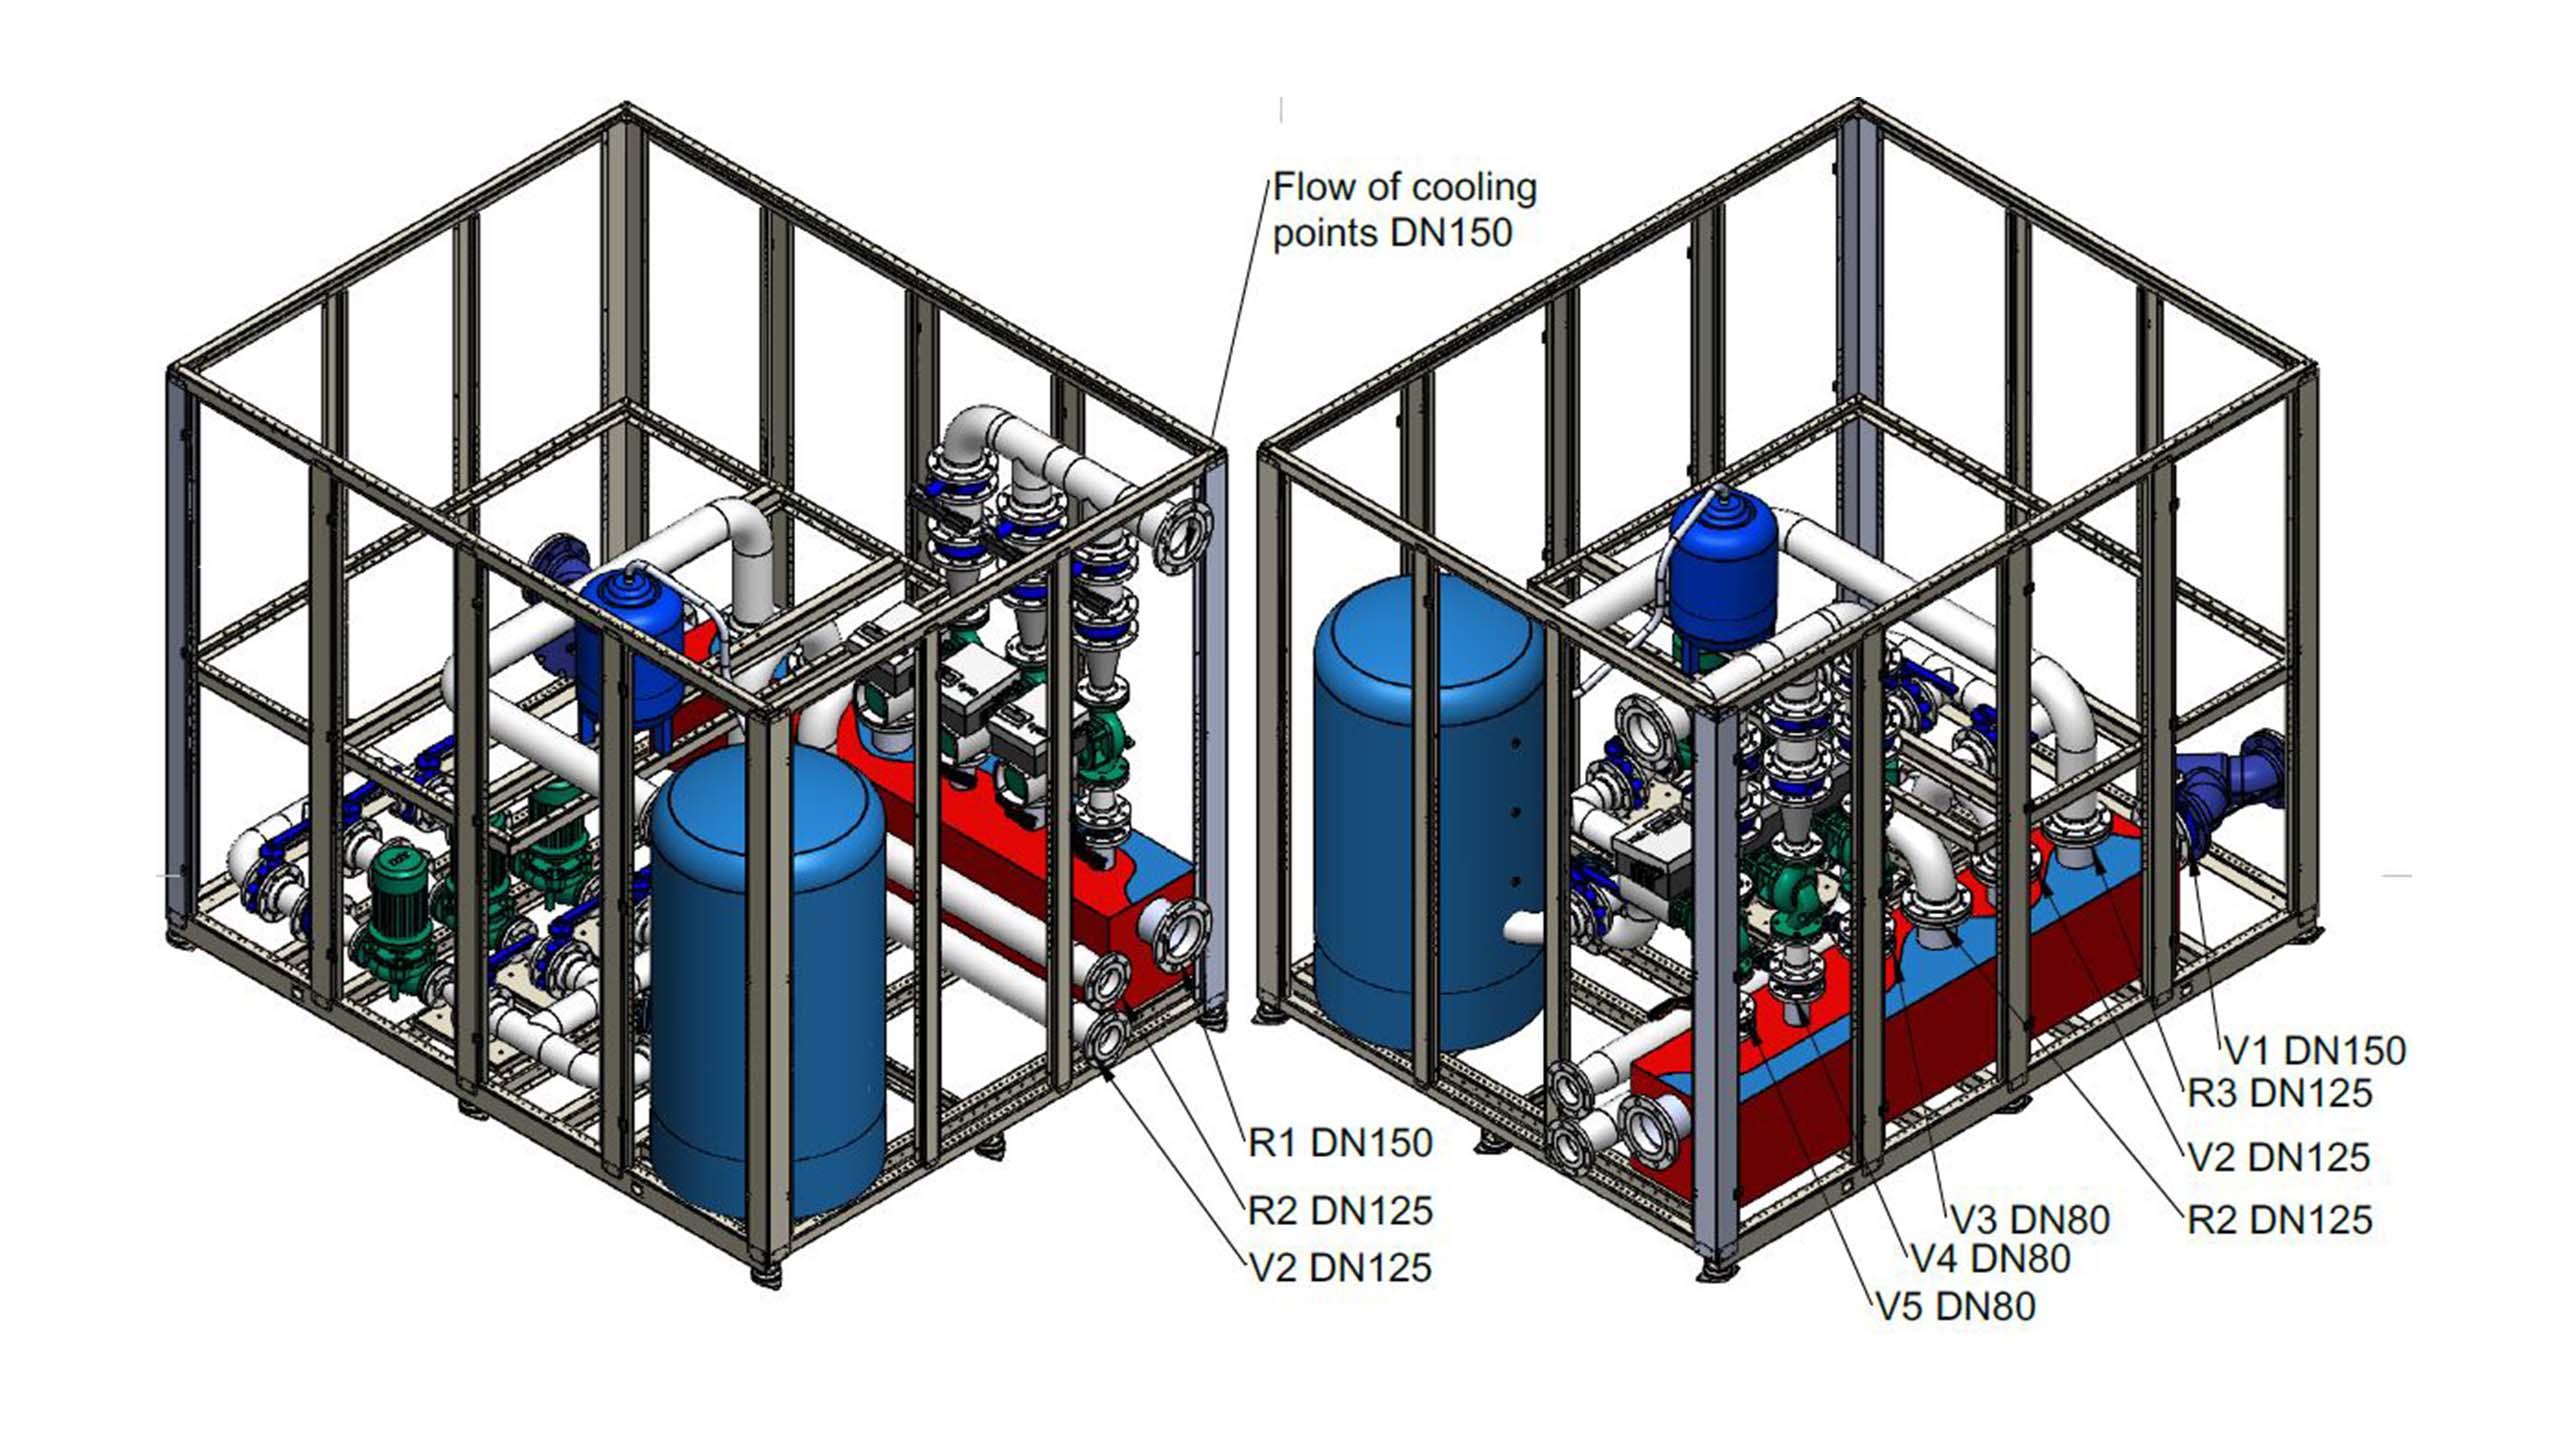 Hydraulic modules